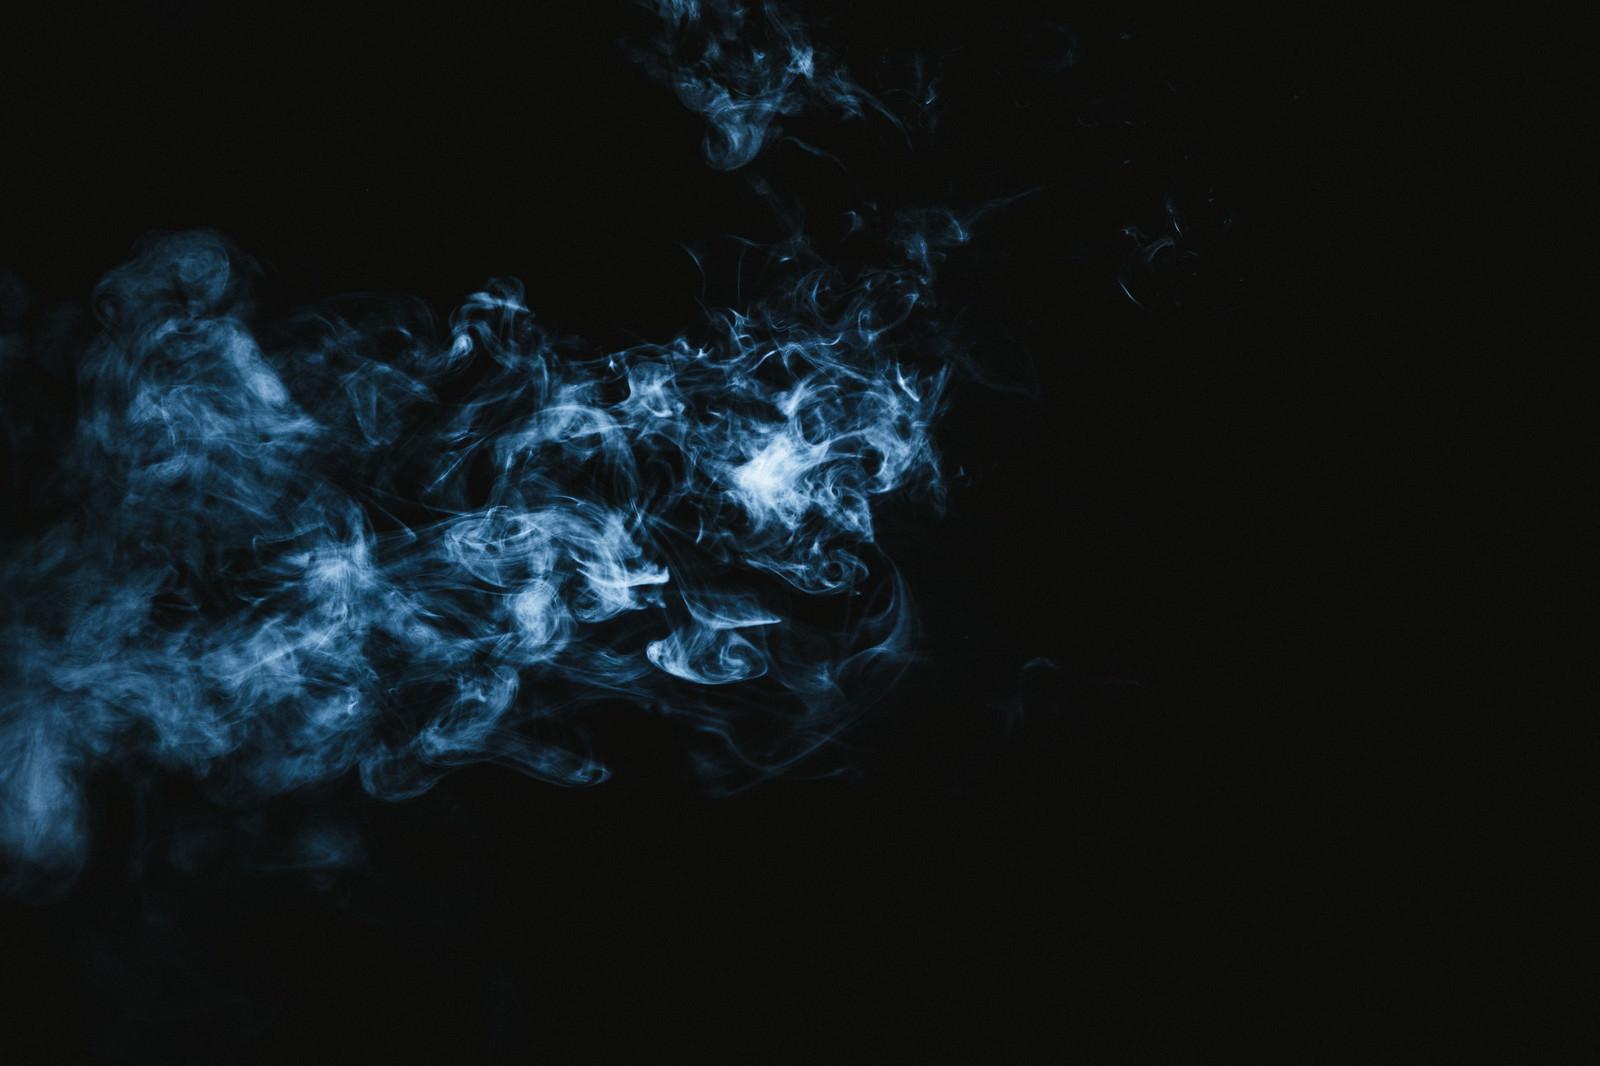 「電気信号のような煙」の写真